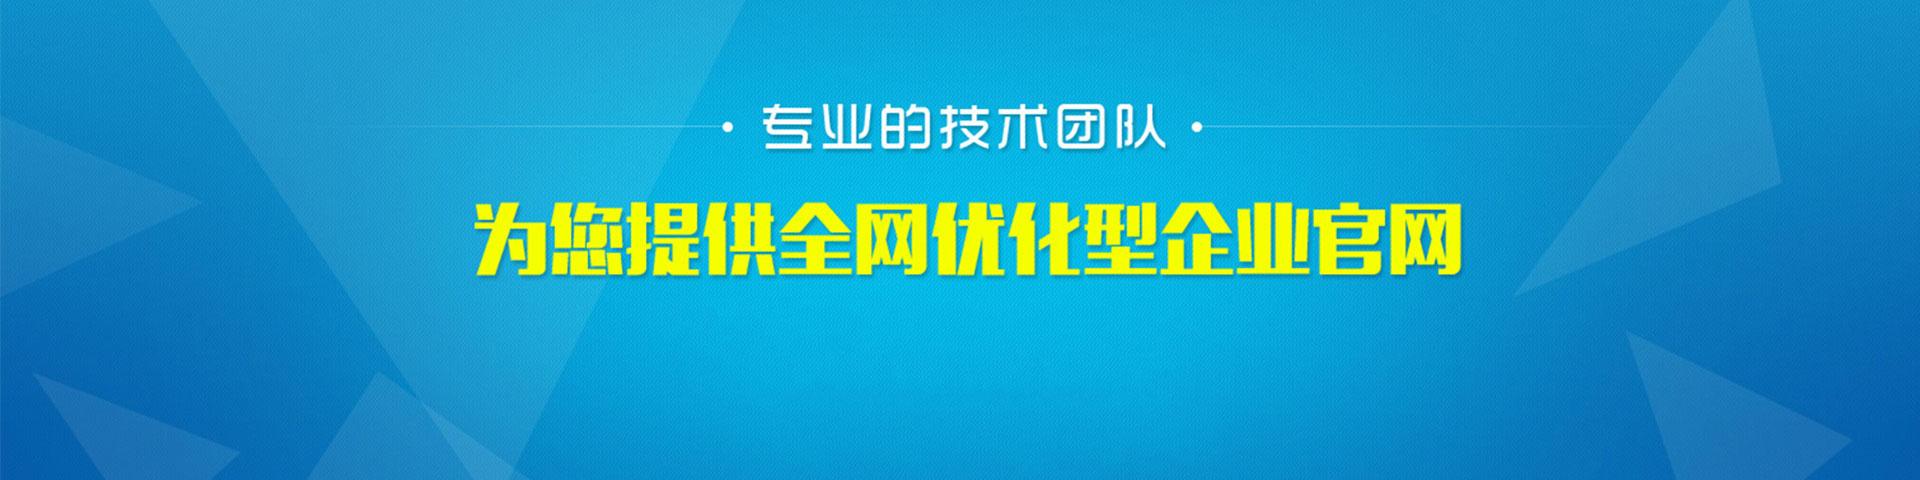 福州网站建设是一家集网站设计、网页制作为主旨的专业互联网建站服务平台,帮助传统企业实现福州网络建